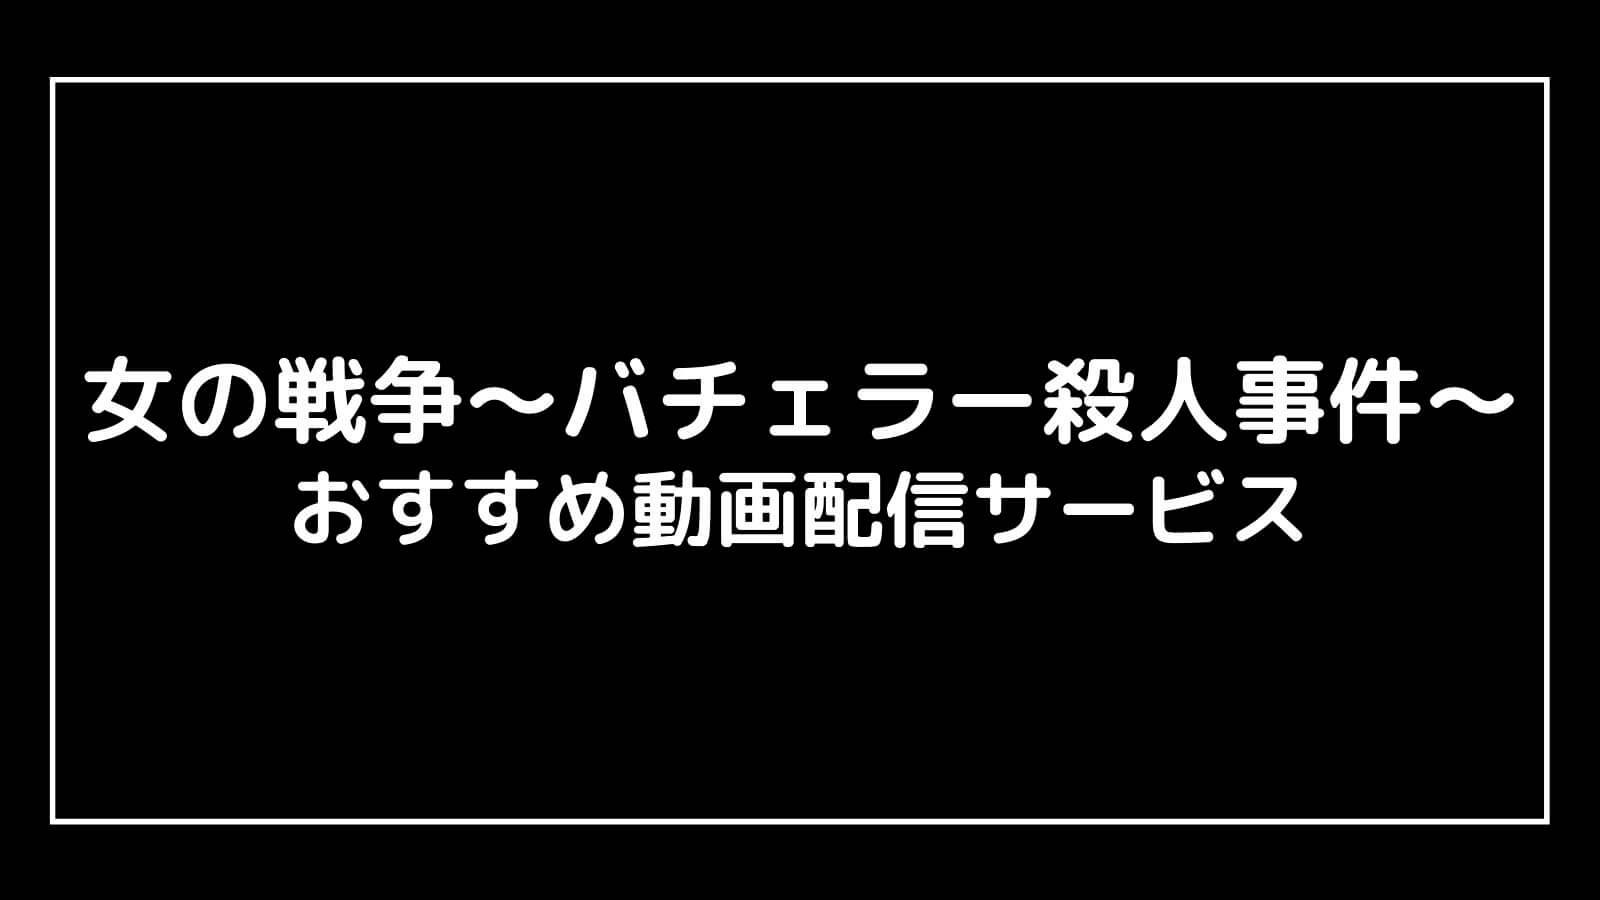 『女の戦争〜バチェラー殺人事件〜』見逃し配信を全話無料視聴できる動画配信サービス